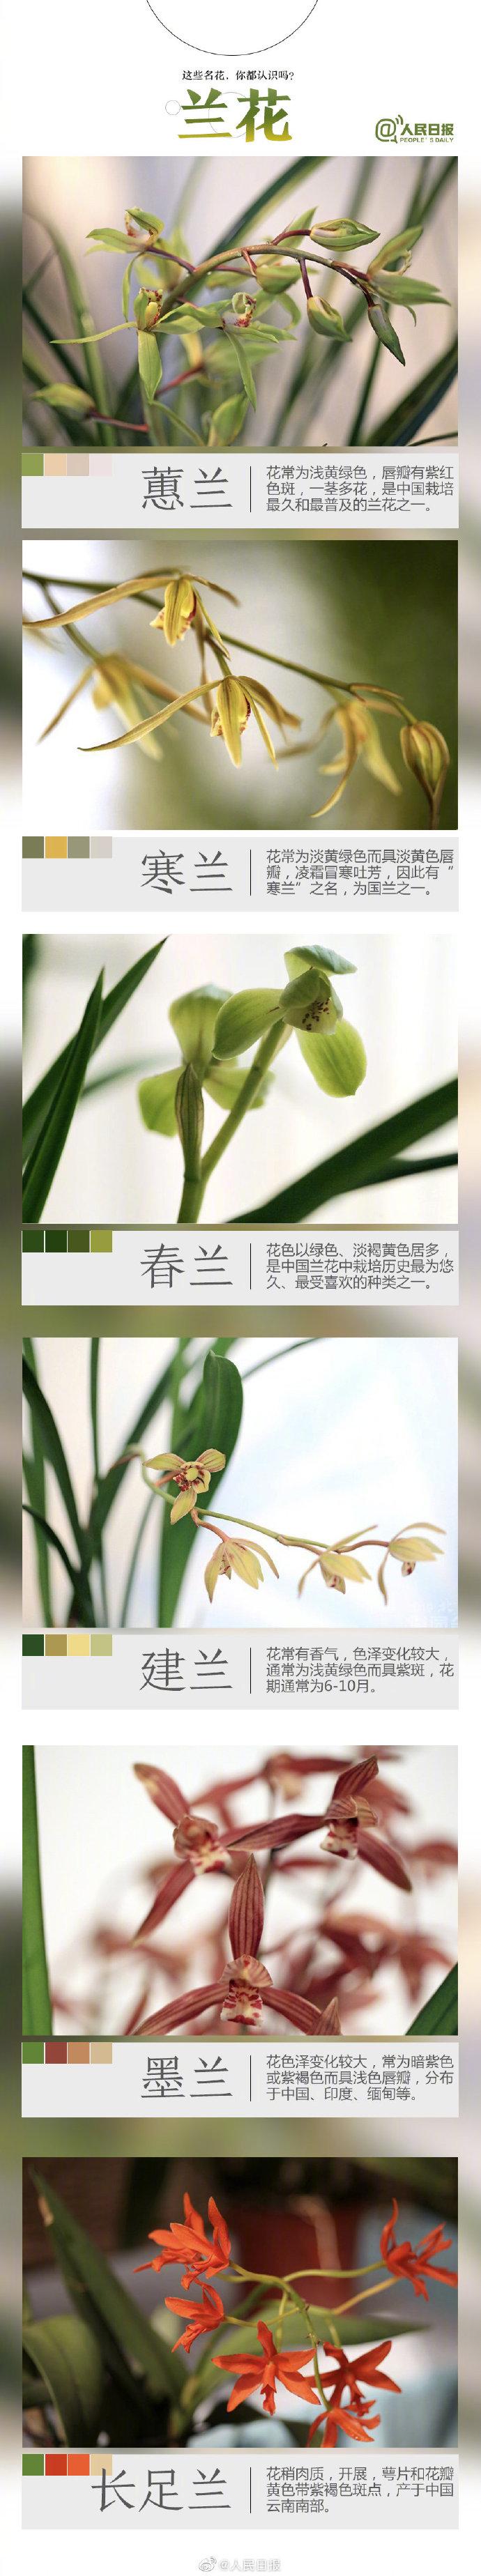 今天起世园会开展啦!九图教你辨别常见花卉